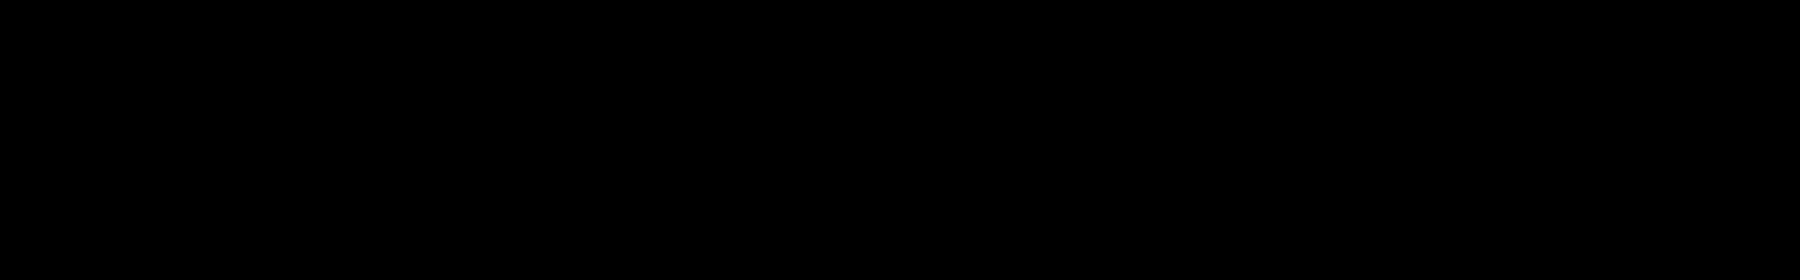 Unmüte Nova For Serum audio waveform